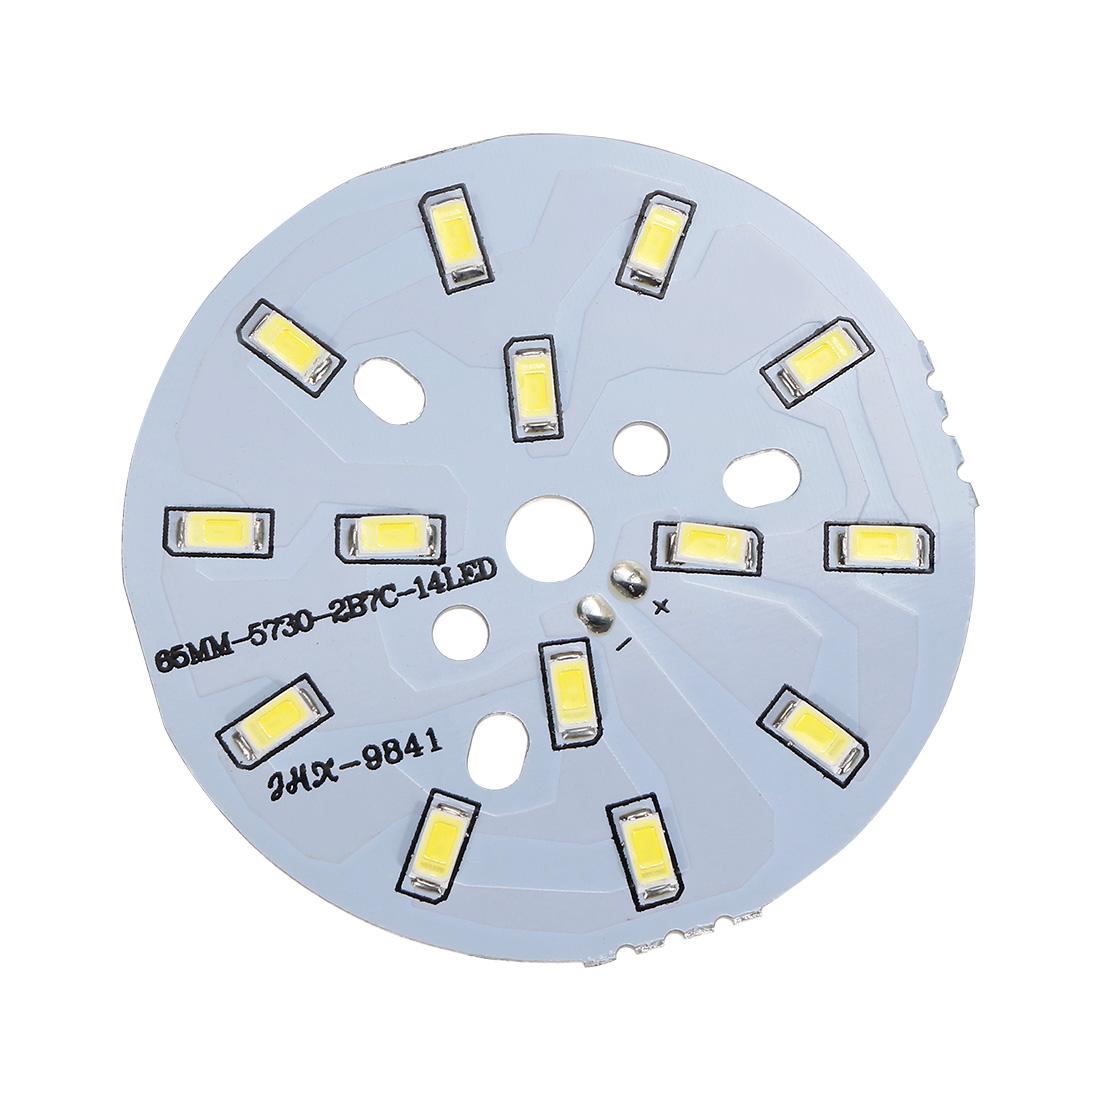 600mA 7W 14 LEDs 5730 SMD LED Chip Module Aluminum Board Pure White 65mm Dia